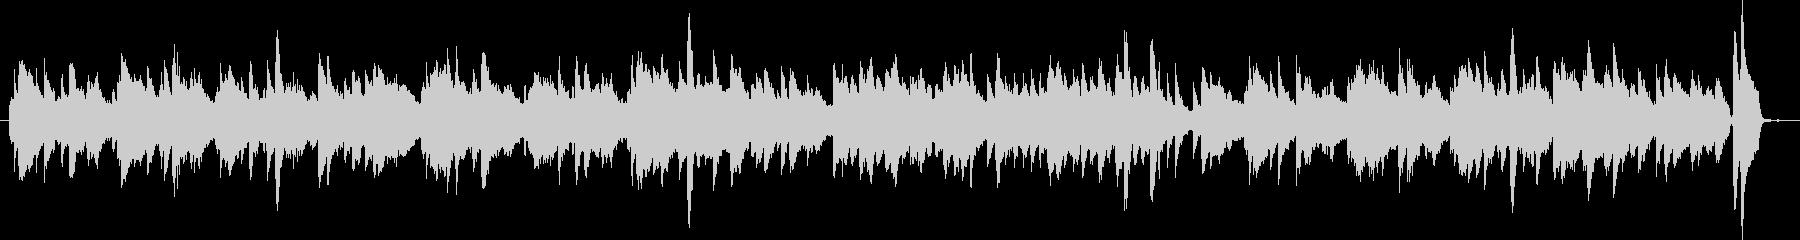 ピアノソロのワルツ・ヨーロッパの民謡ぽいの未再生の波形